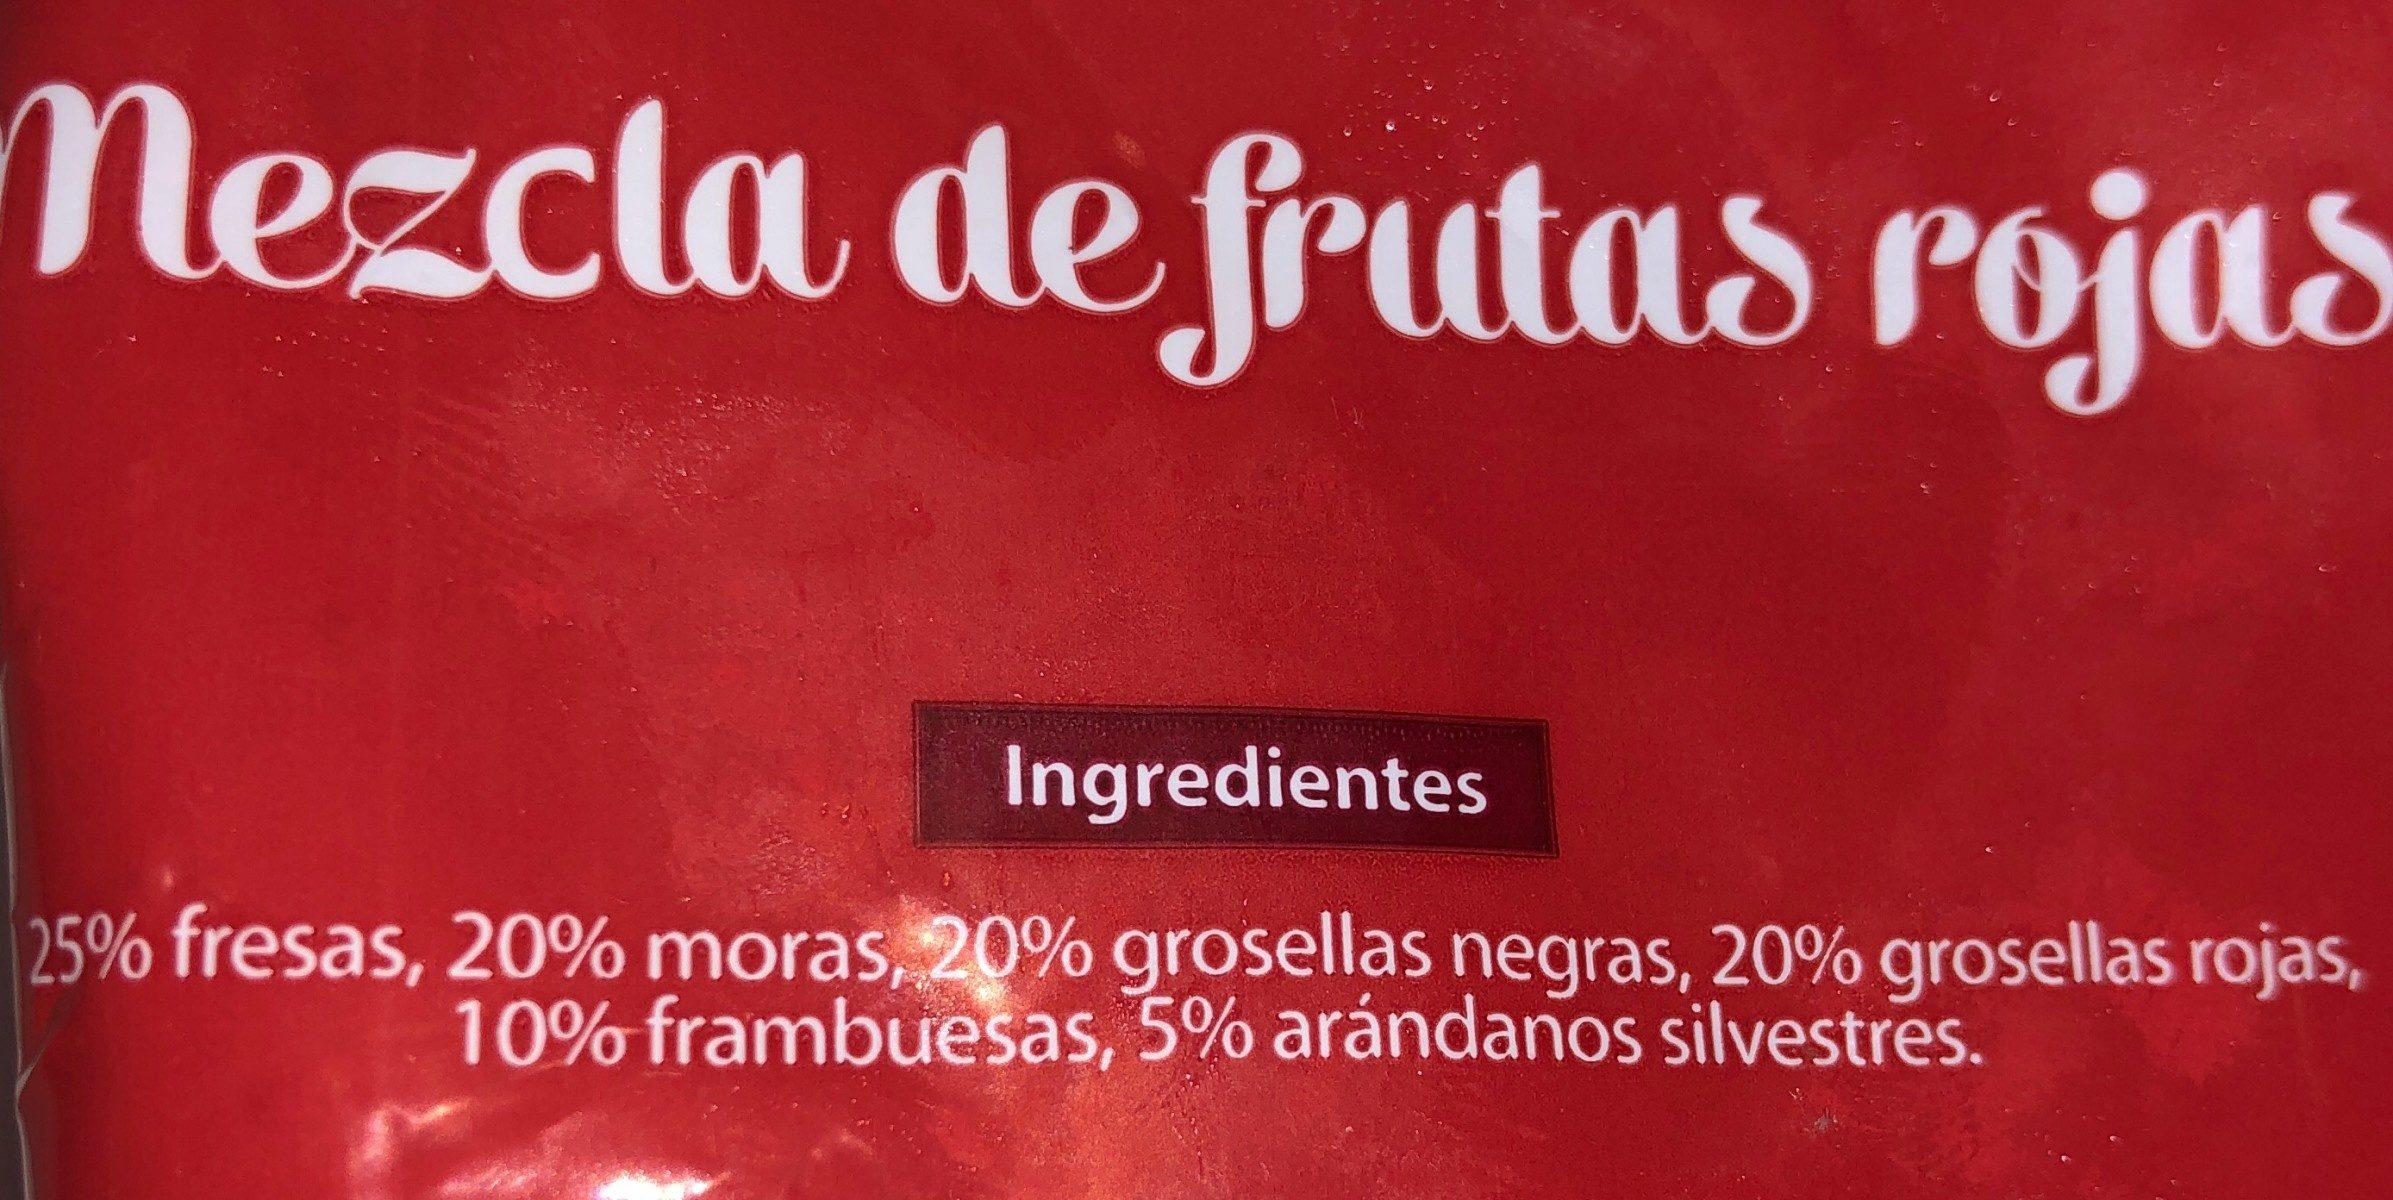 Mezcla de frutas rojas - Ingrédients - fr